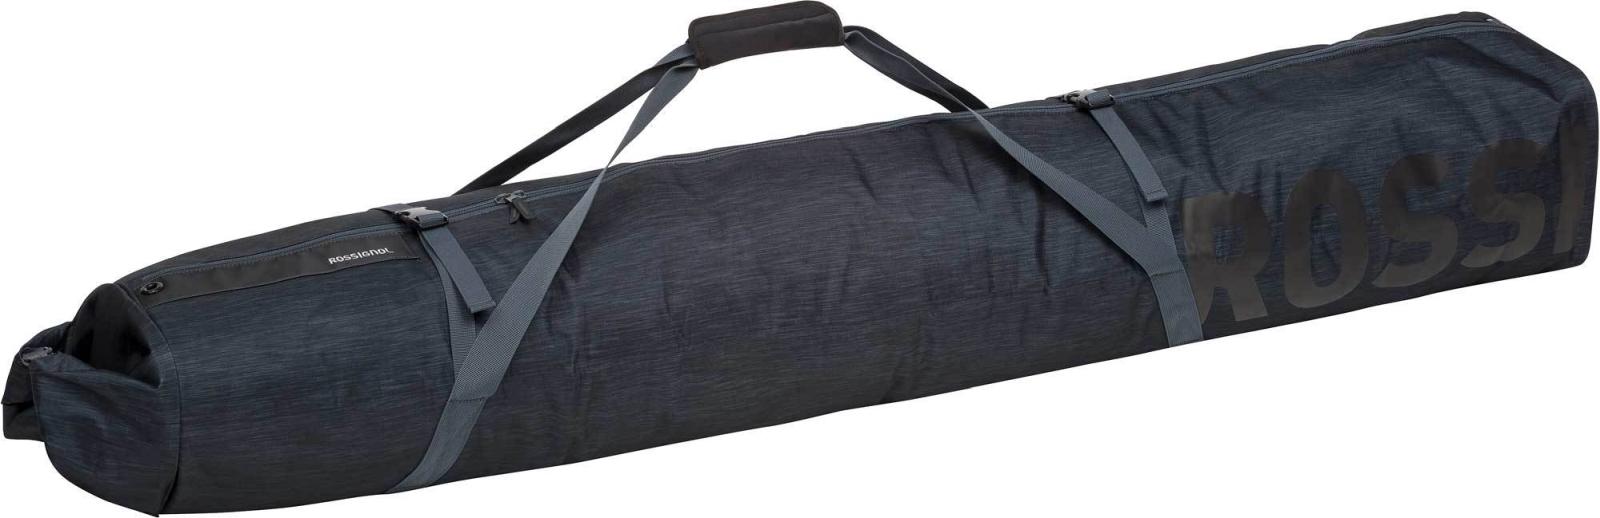 Rossignol Premium Ext 2P Padded 160-210 cm uni